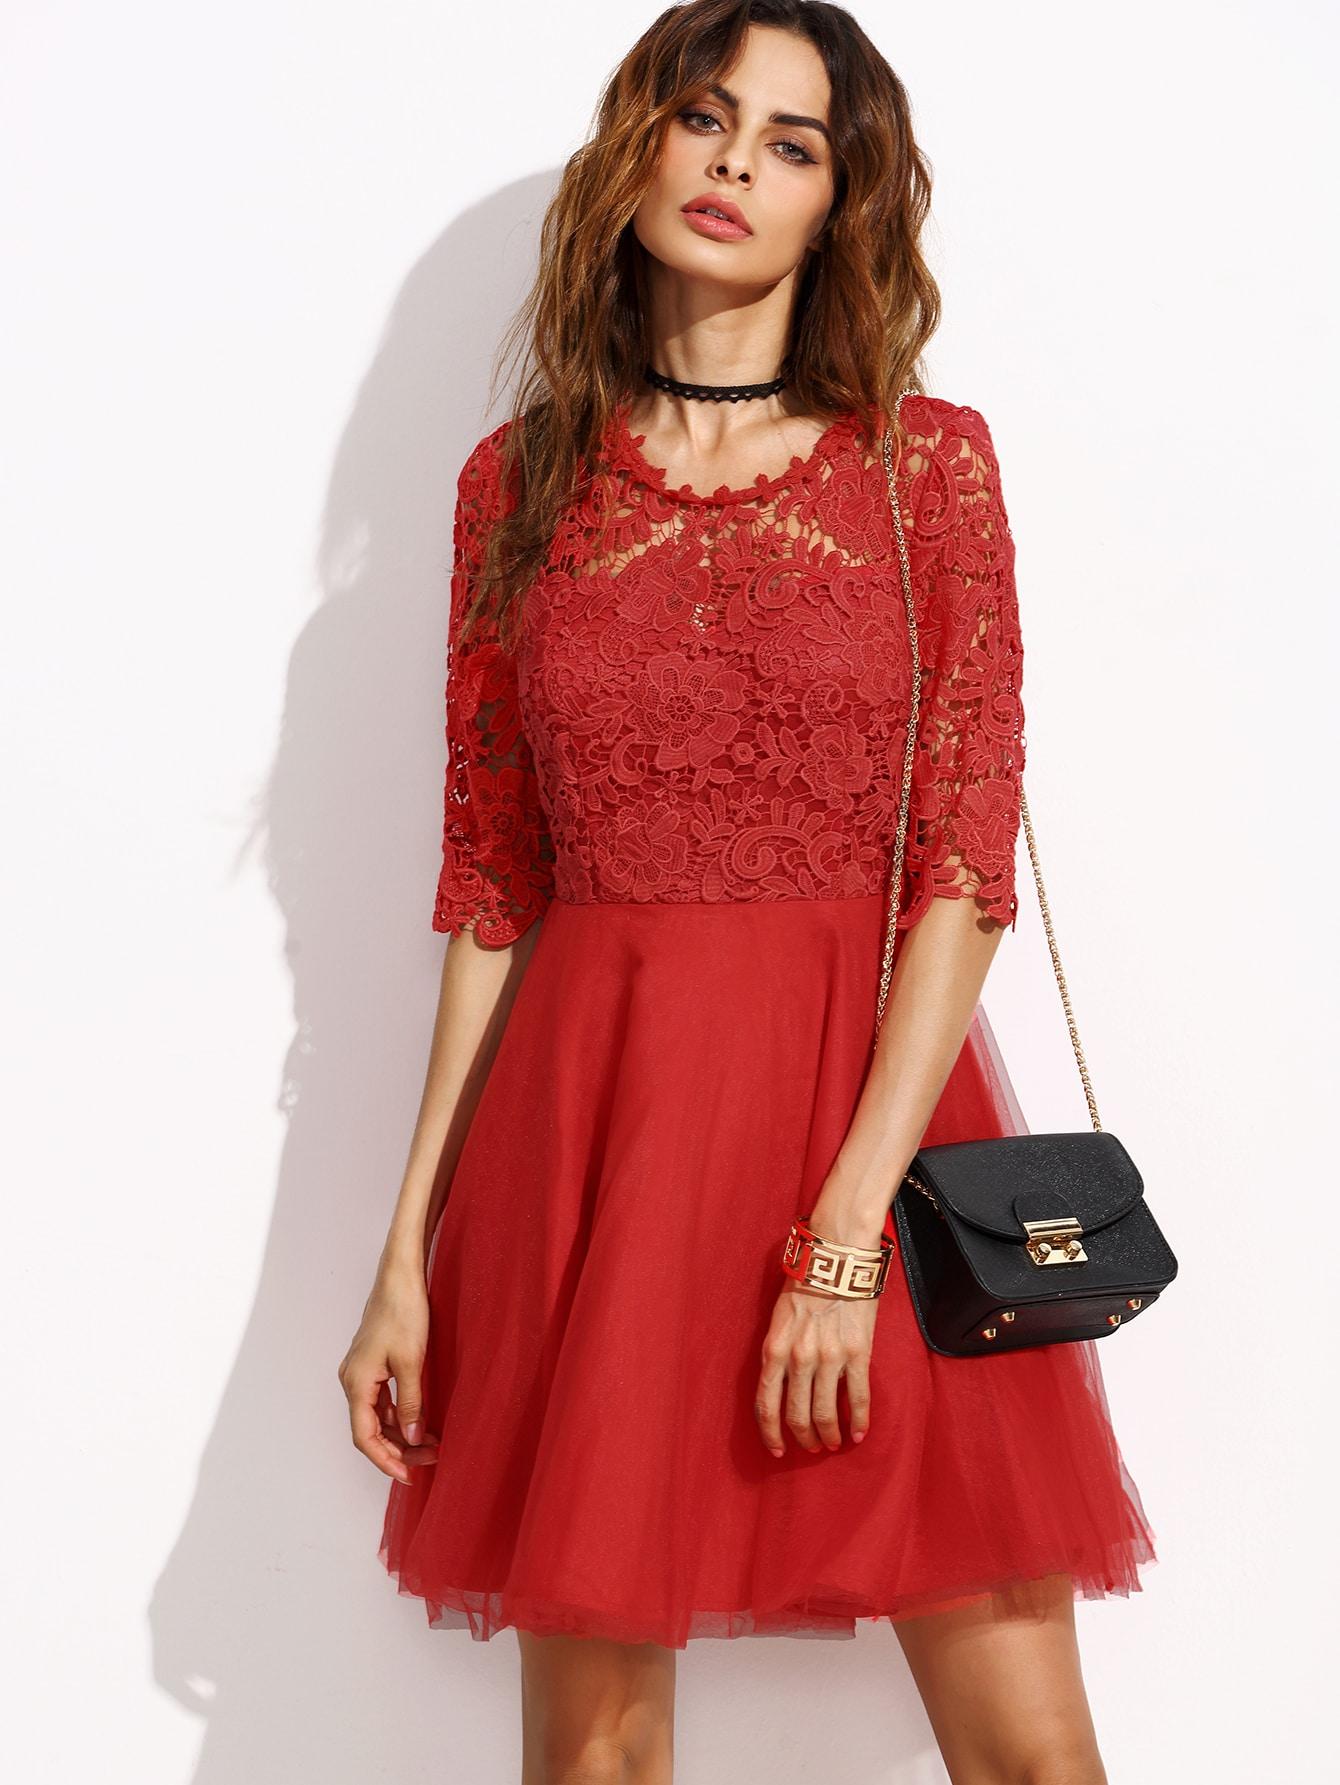 dress160830710_2